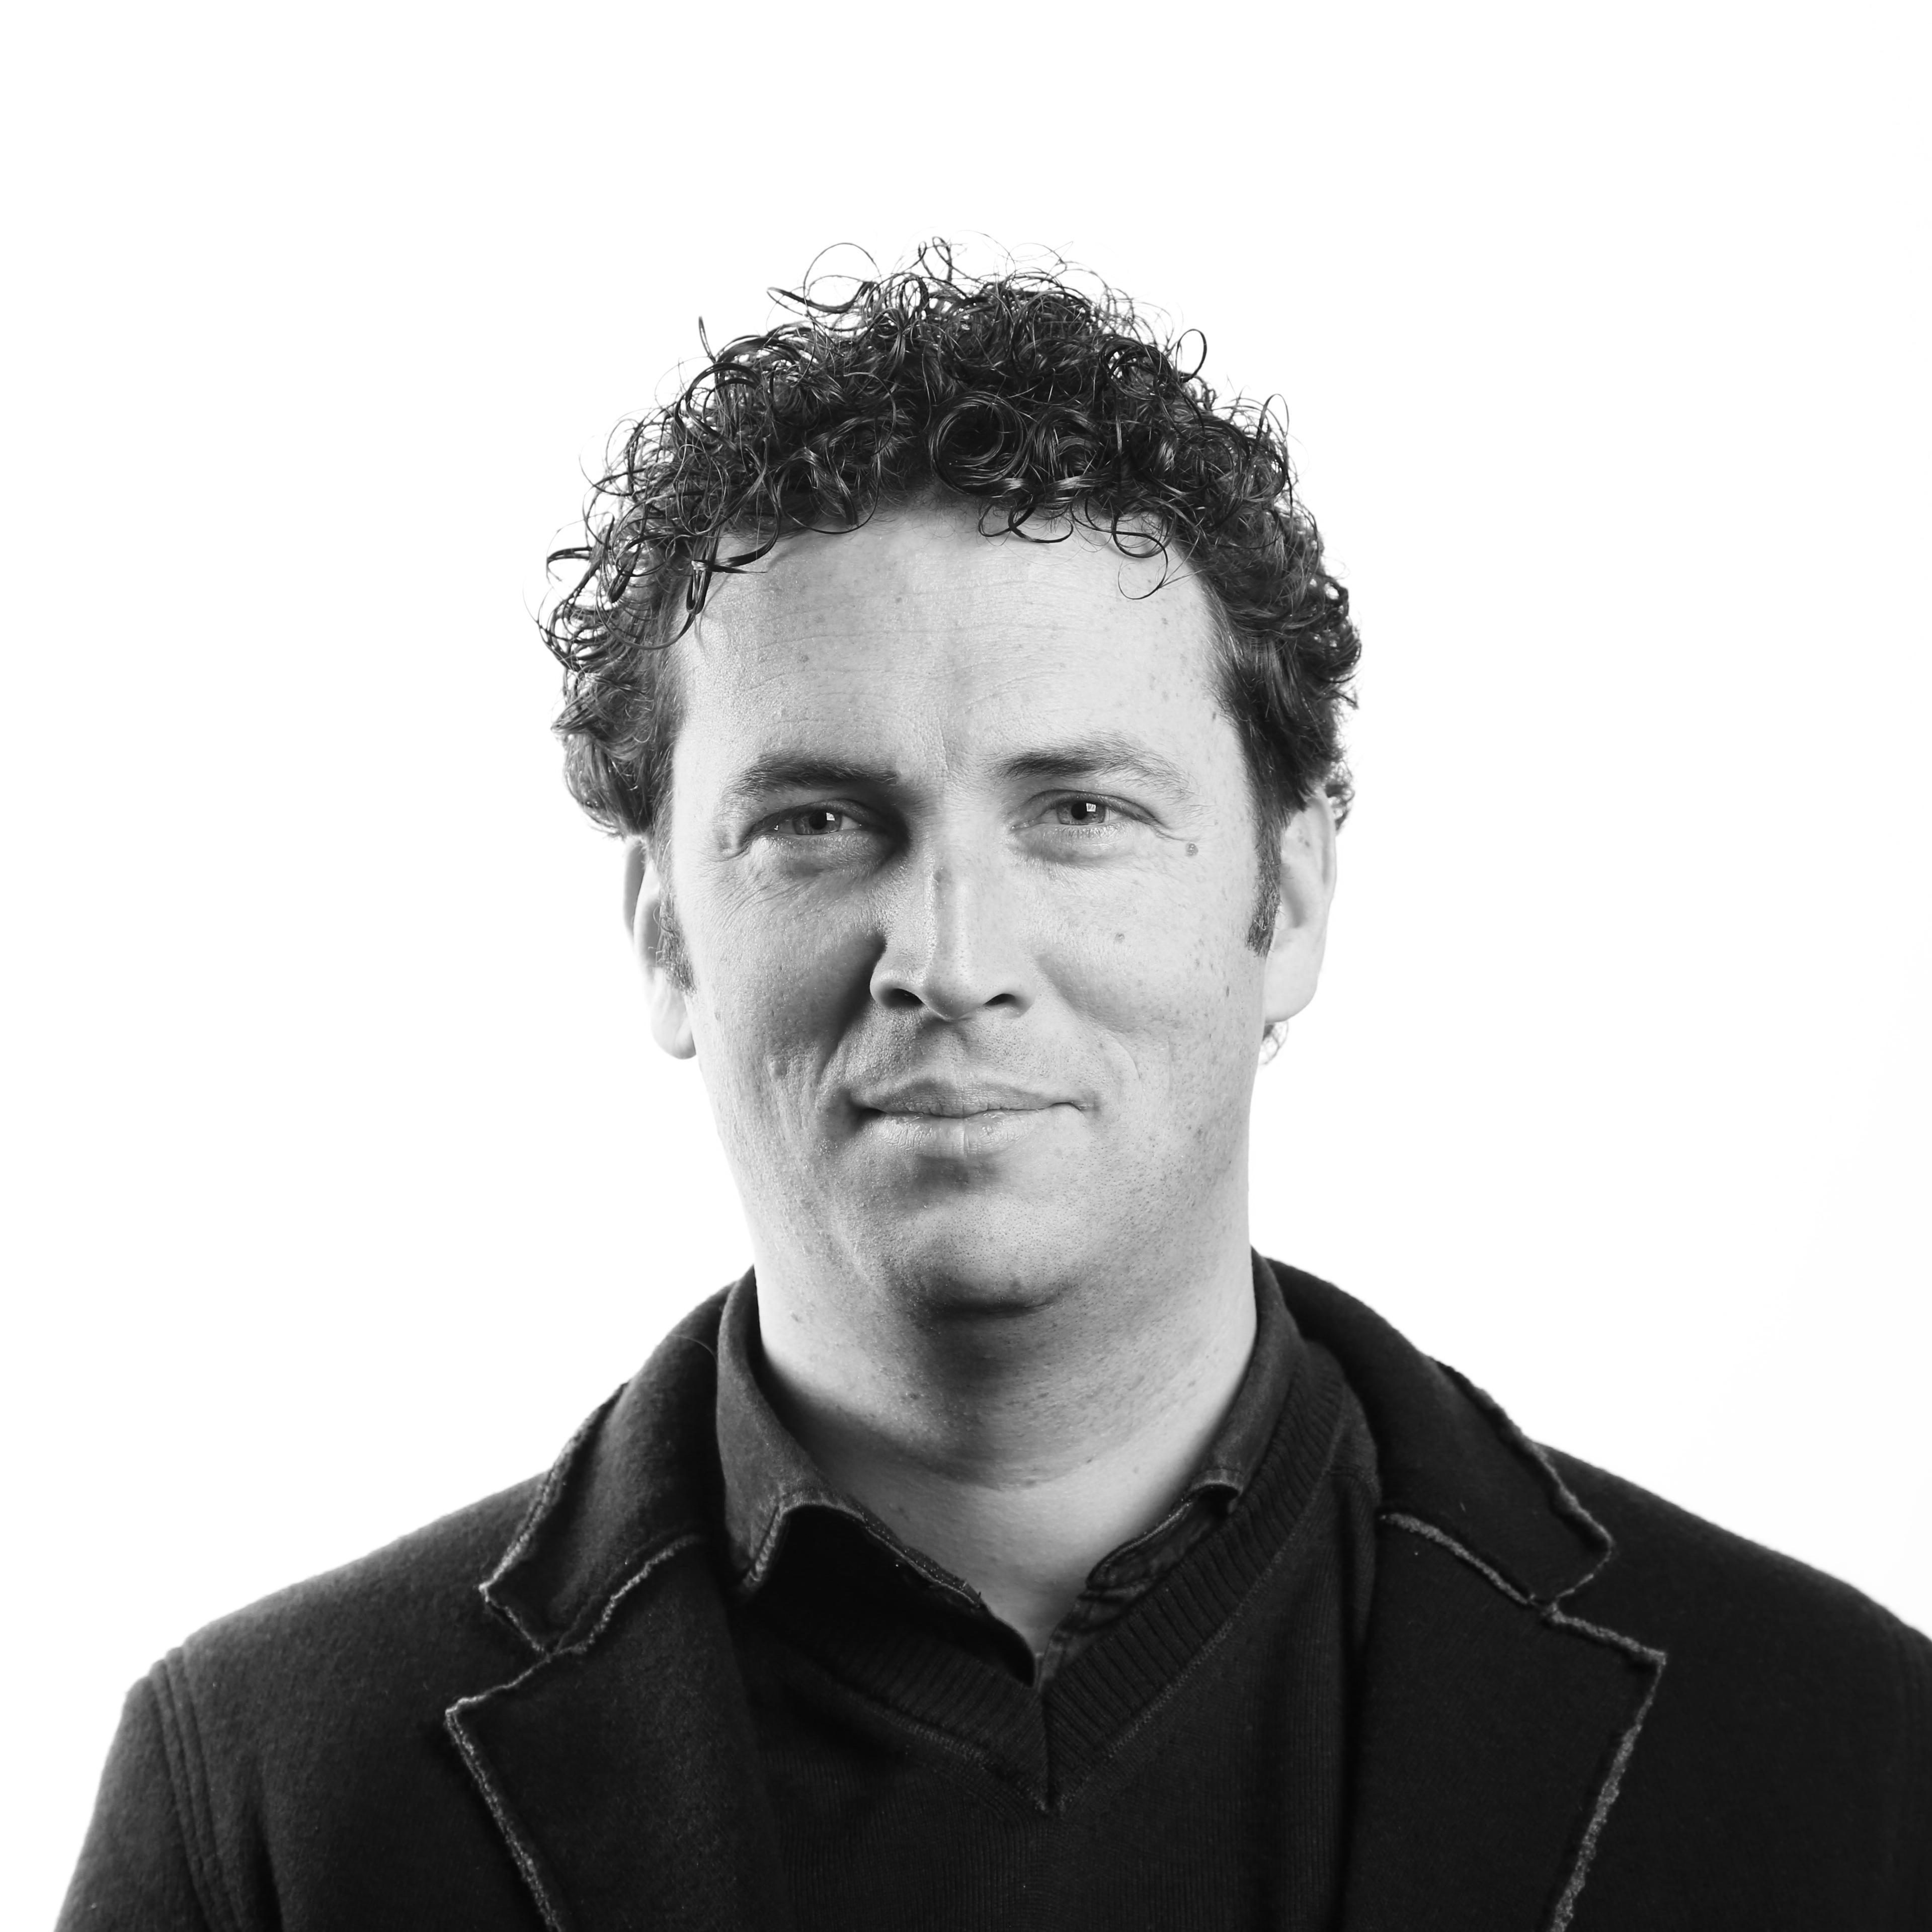 Sander Ros